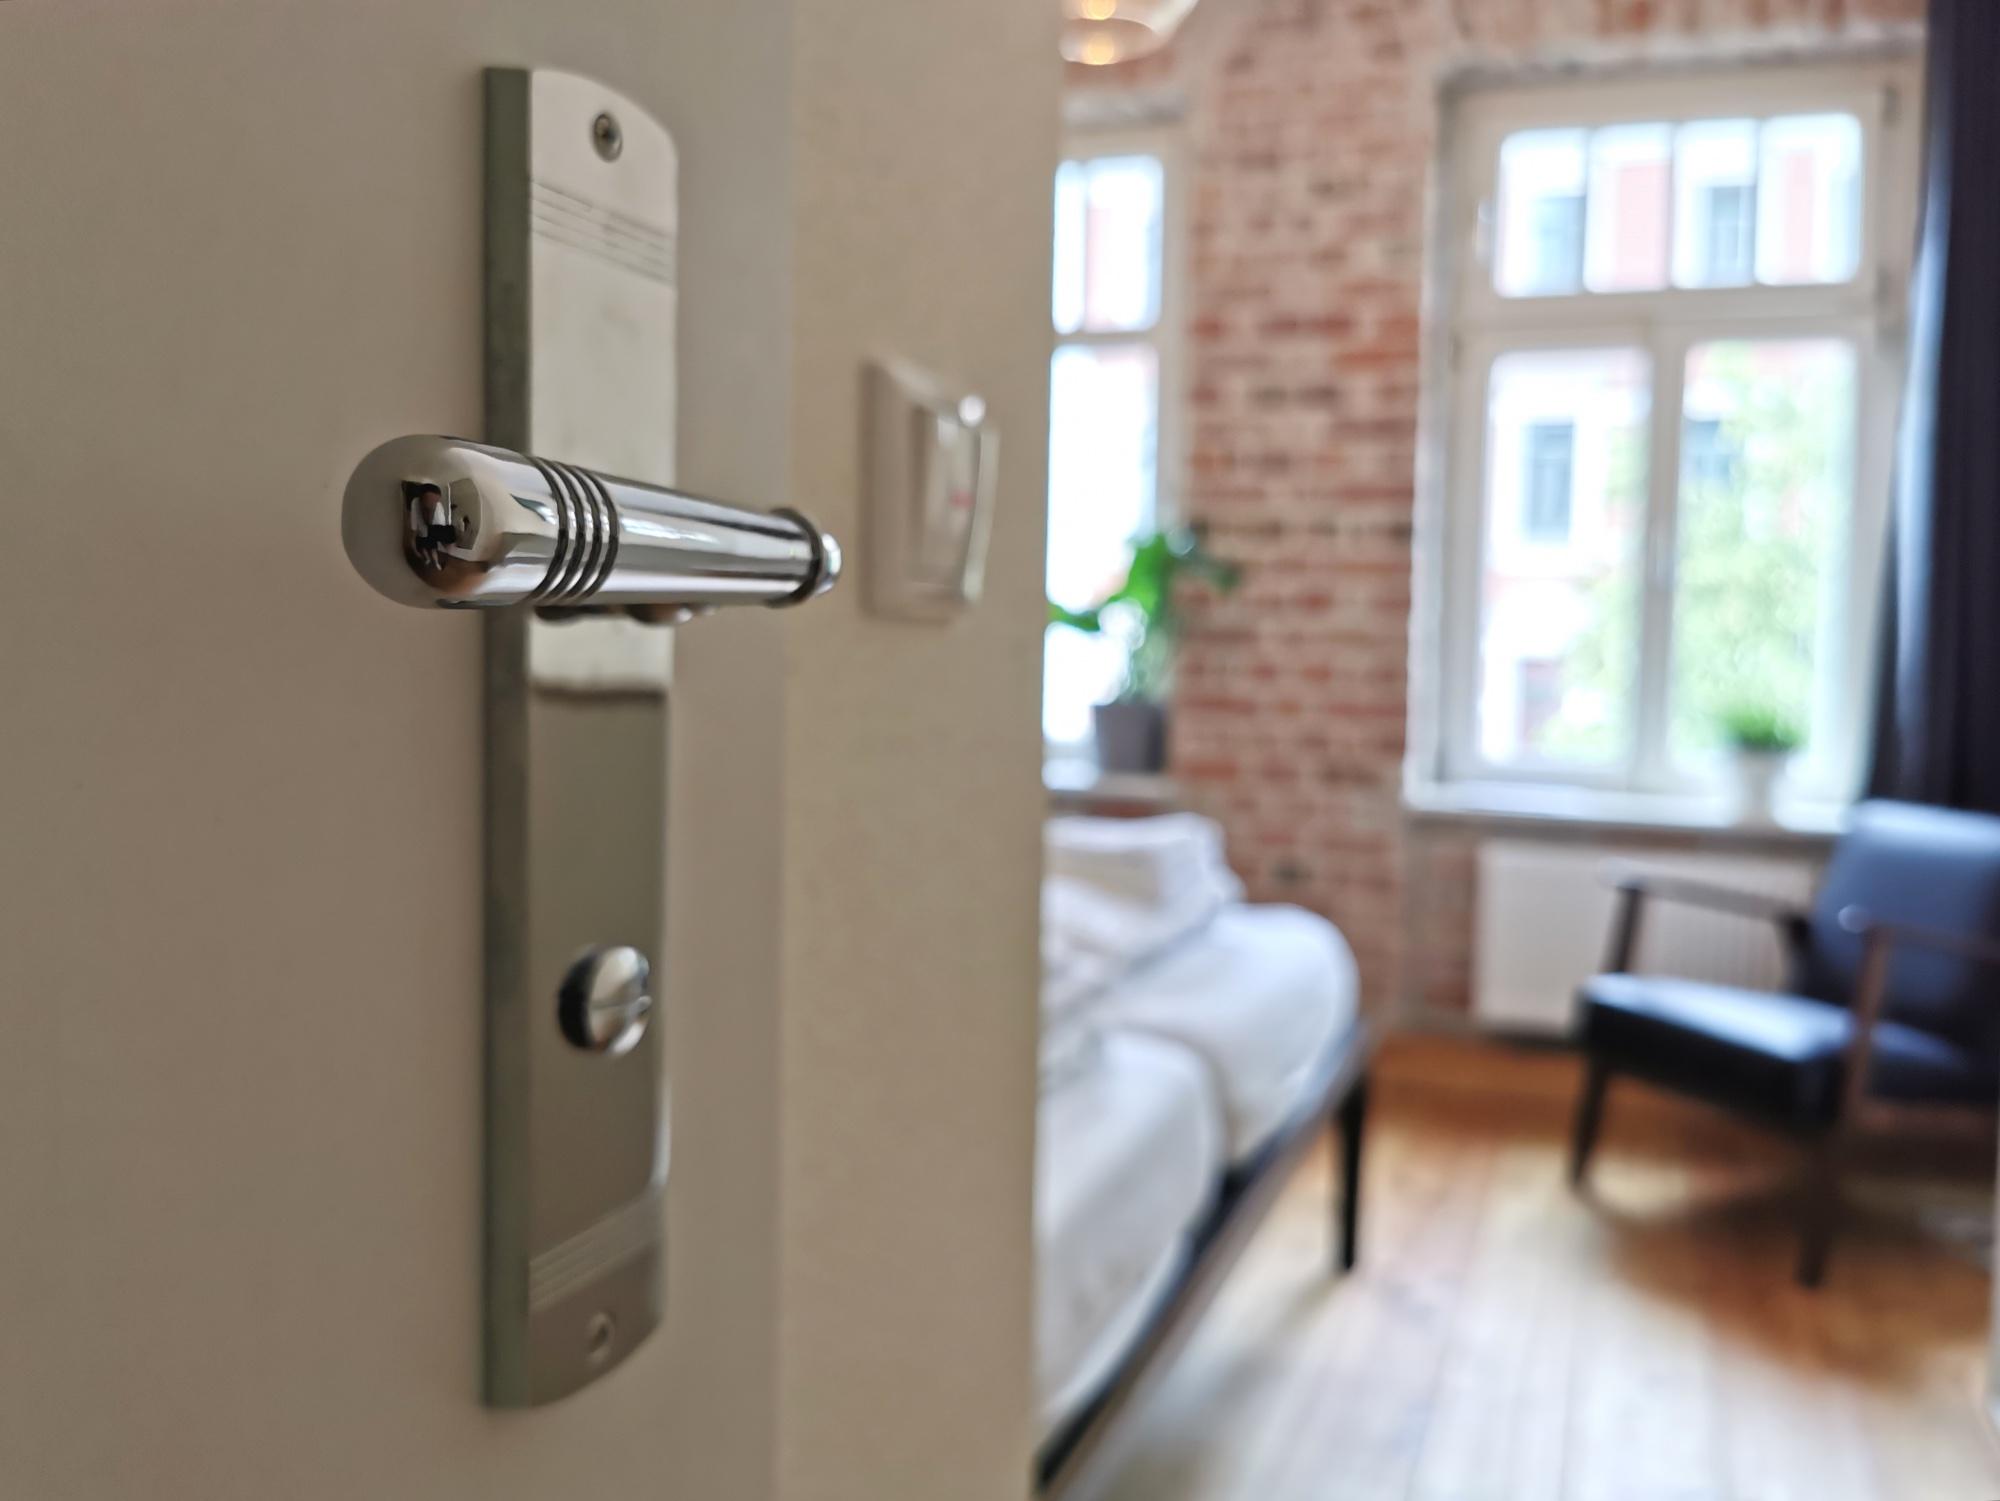 Blick durch die Tür auf eines der schönen hellen Zimmer. Mit einer silbernen Türklinke